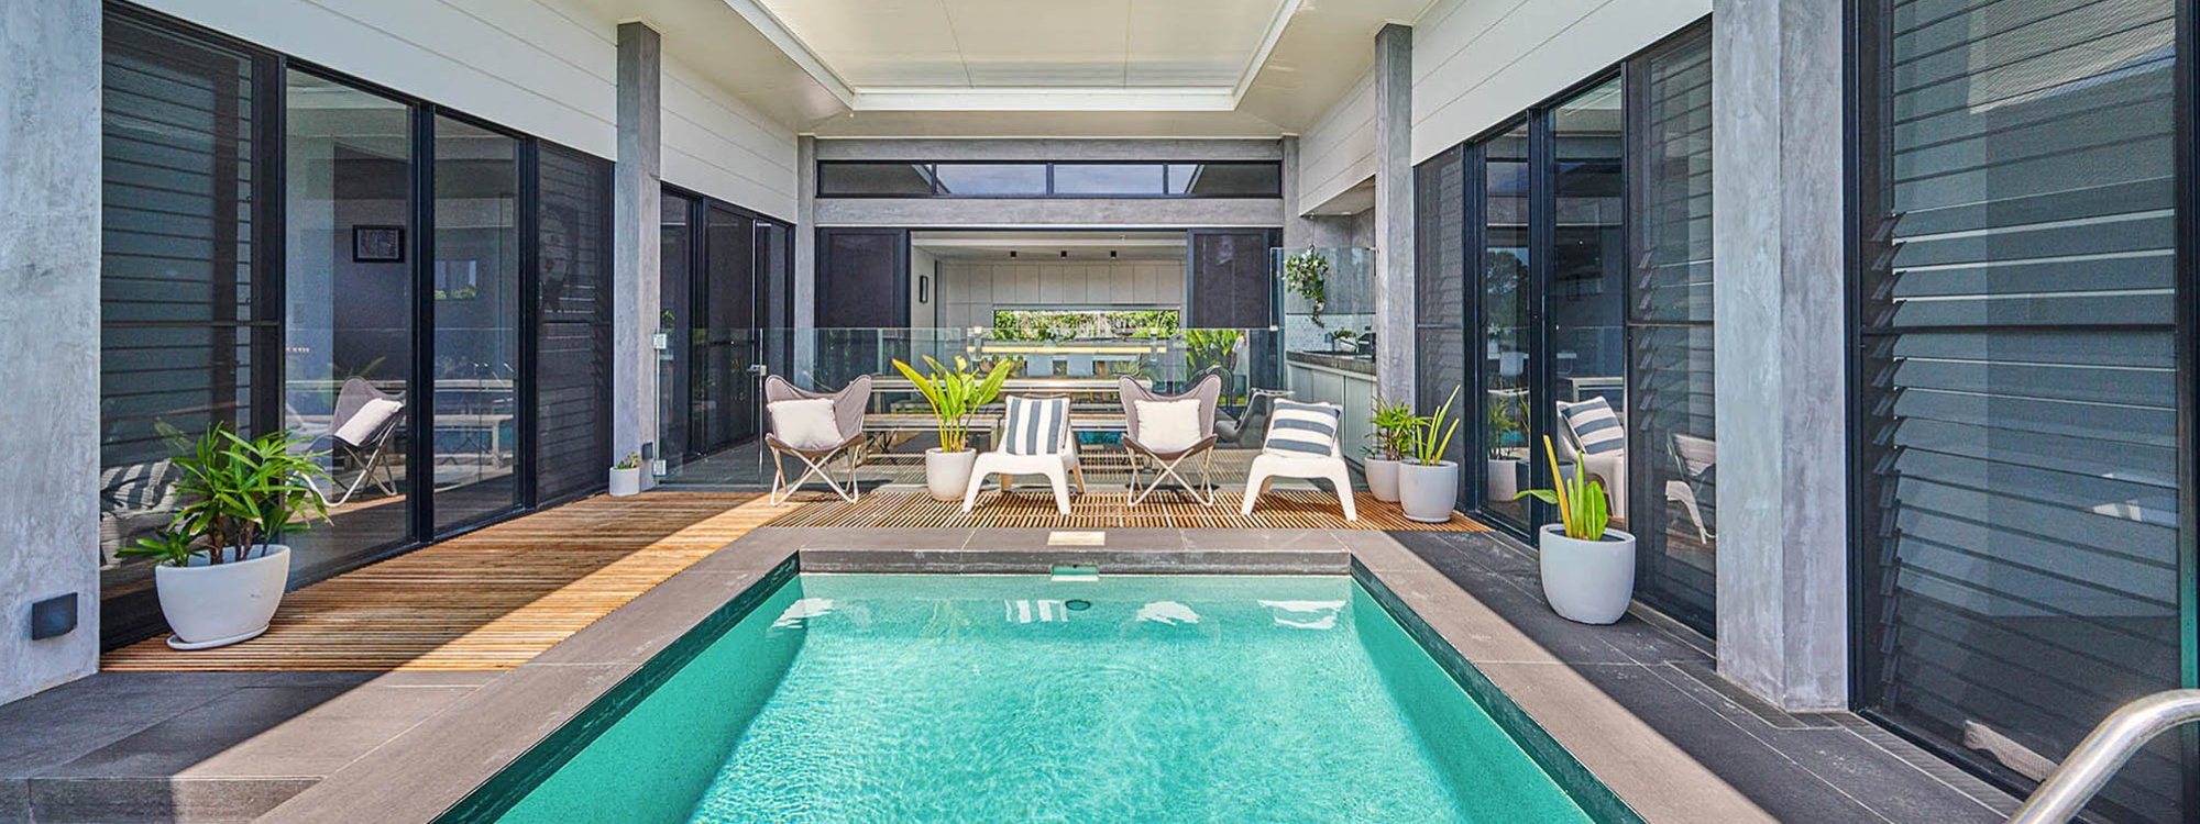 Greenview - Lennox Head - Pool Square On